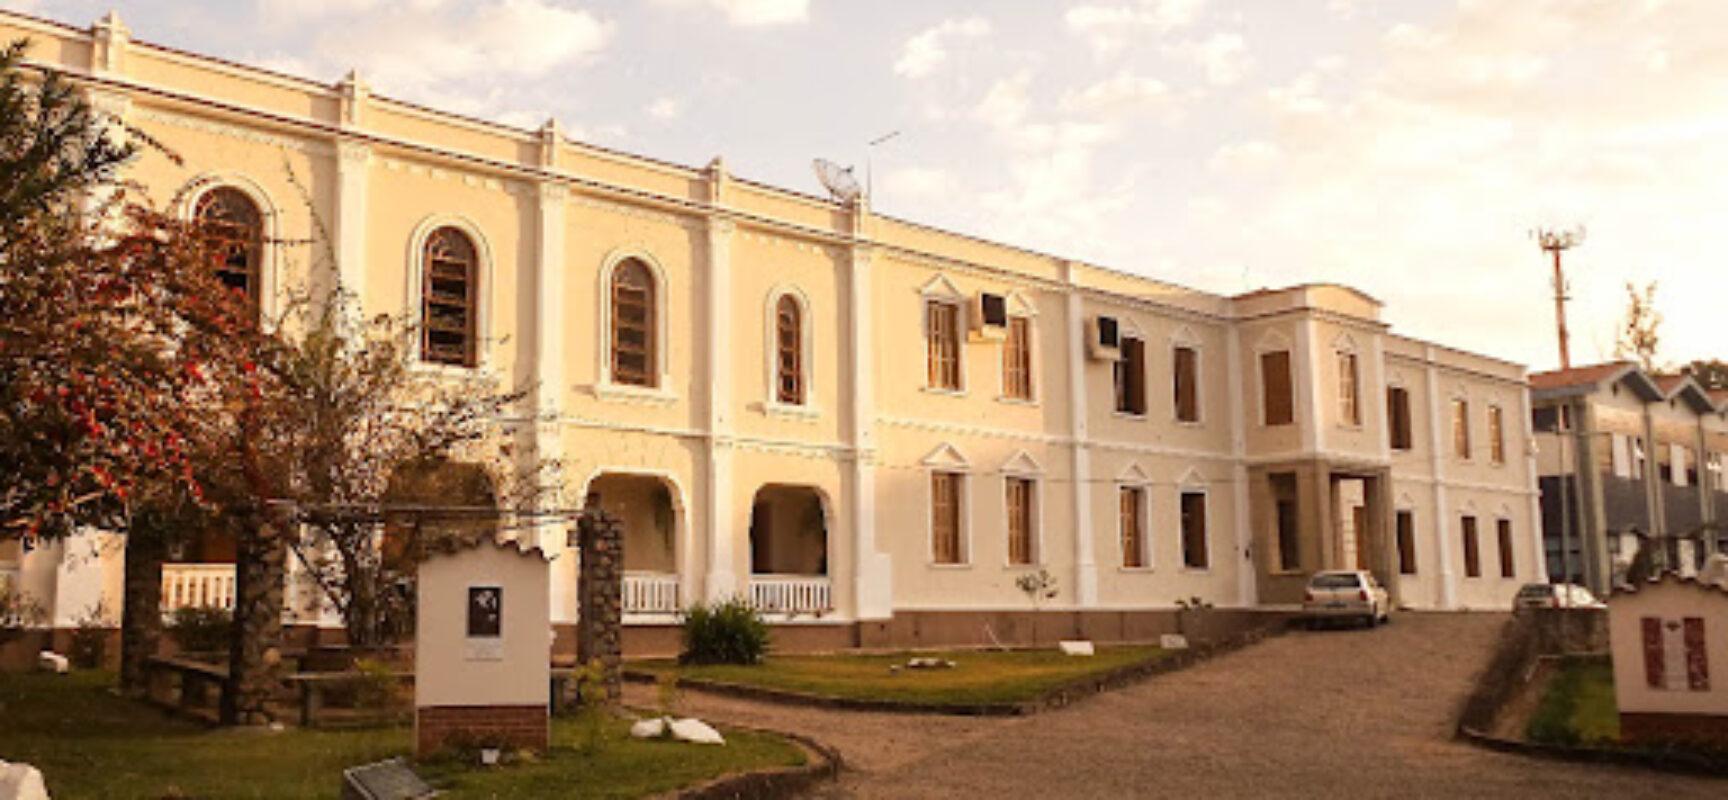 Em seis dias, cinco freiras do mesmo convento morrem por Covid 19, em Curitiba